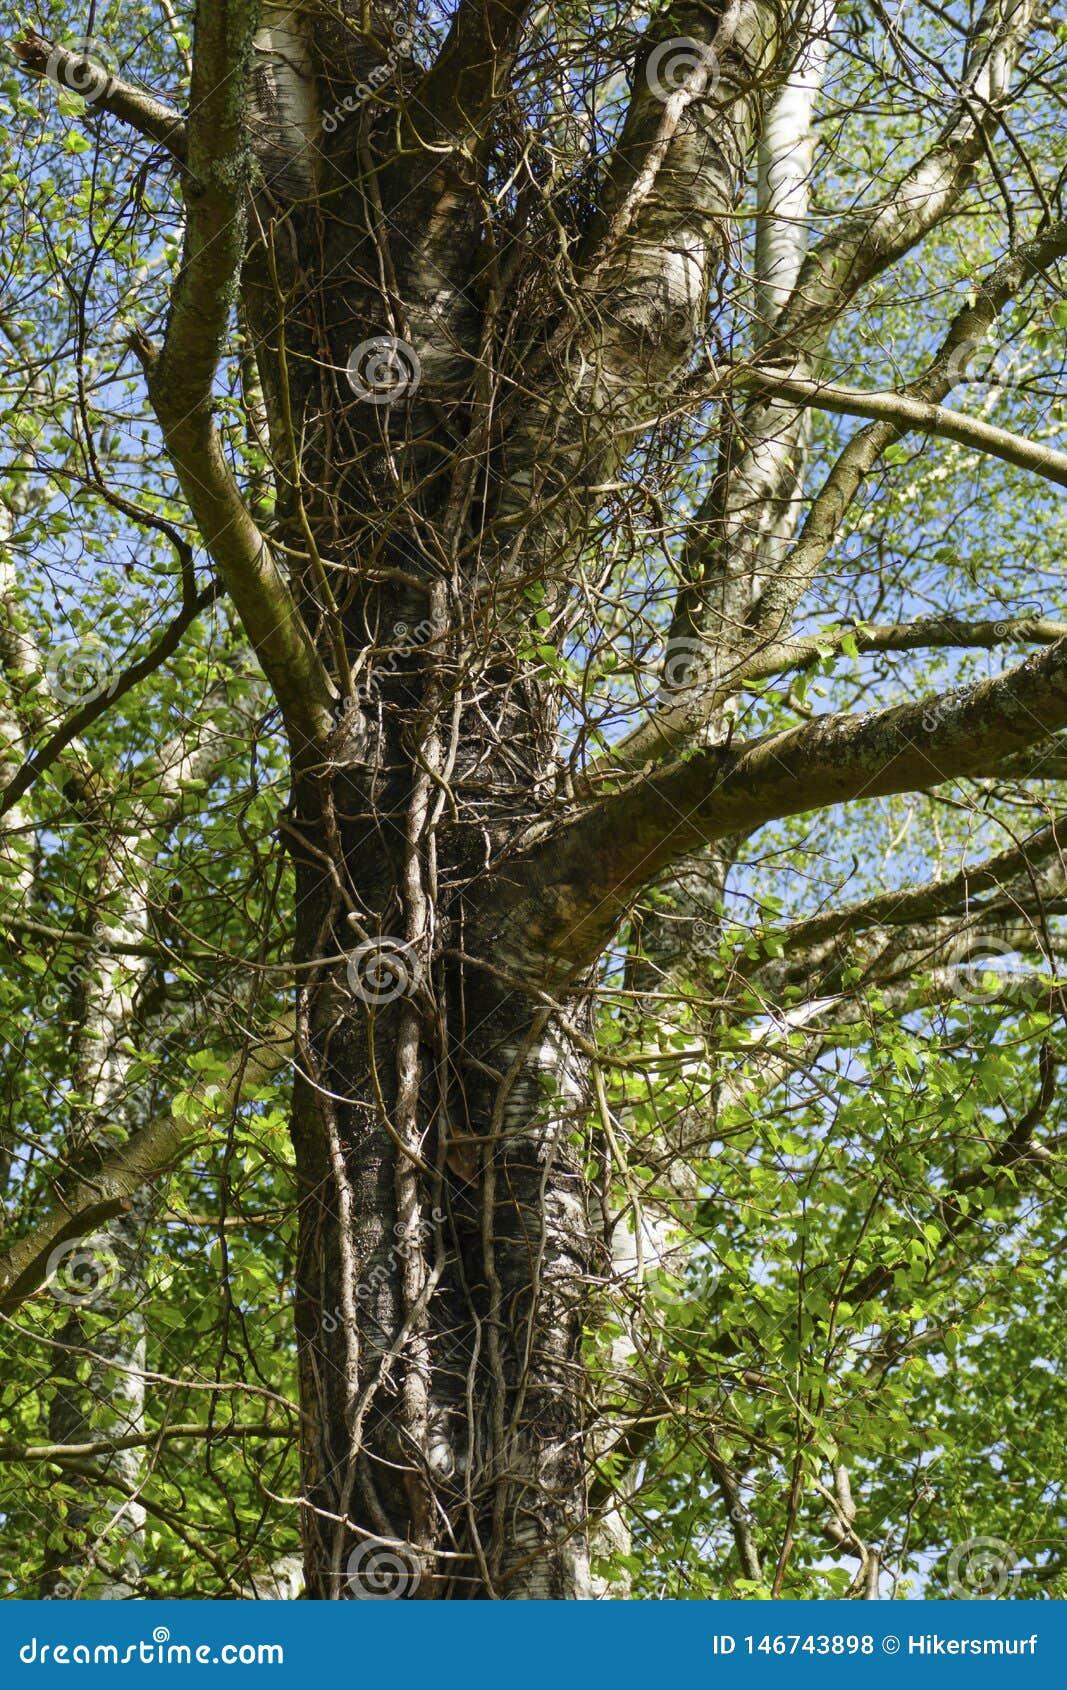 Abedul, árbol viejo, tronco entrelazado por la hiedra y lianas